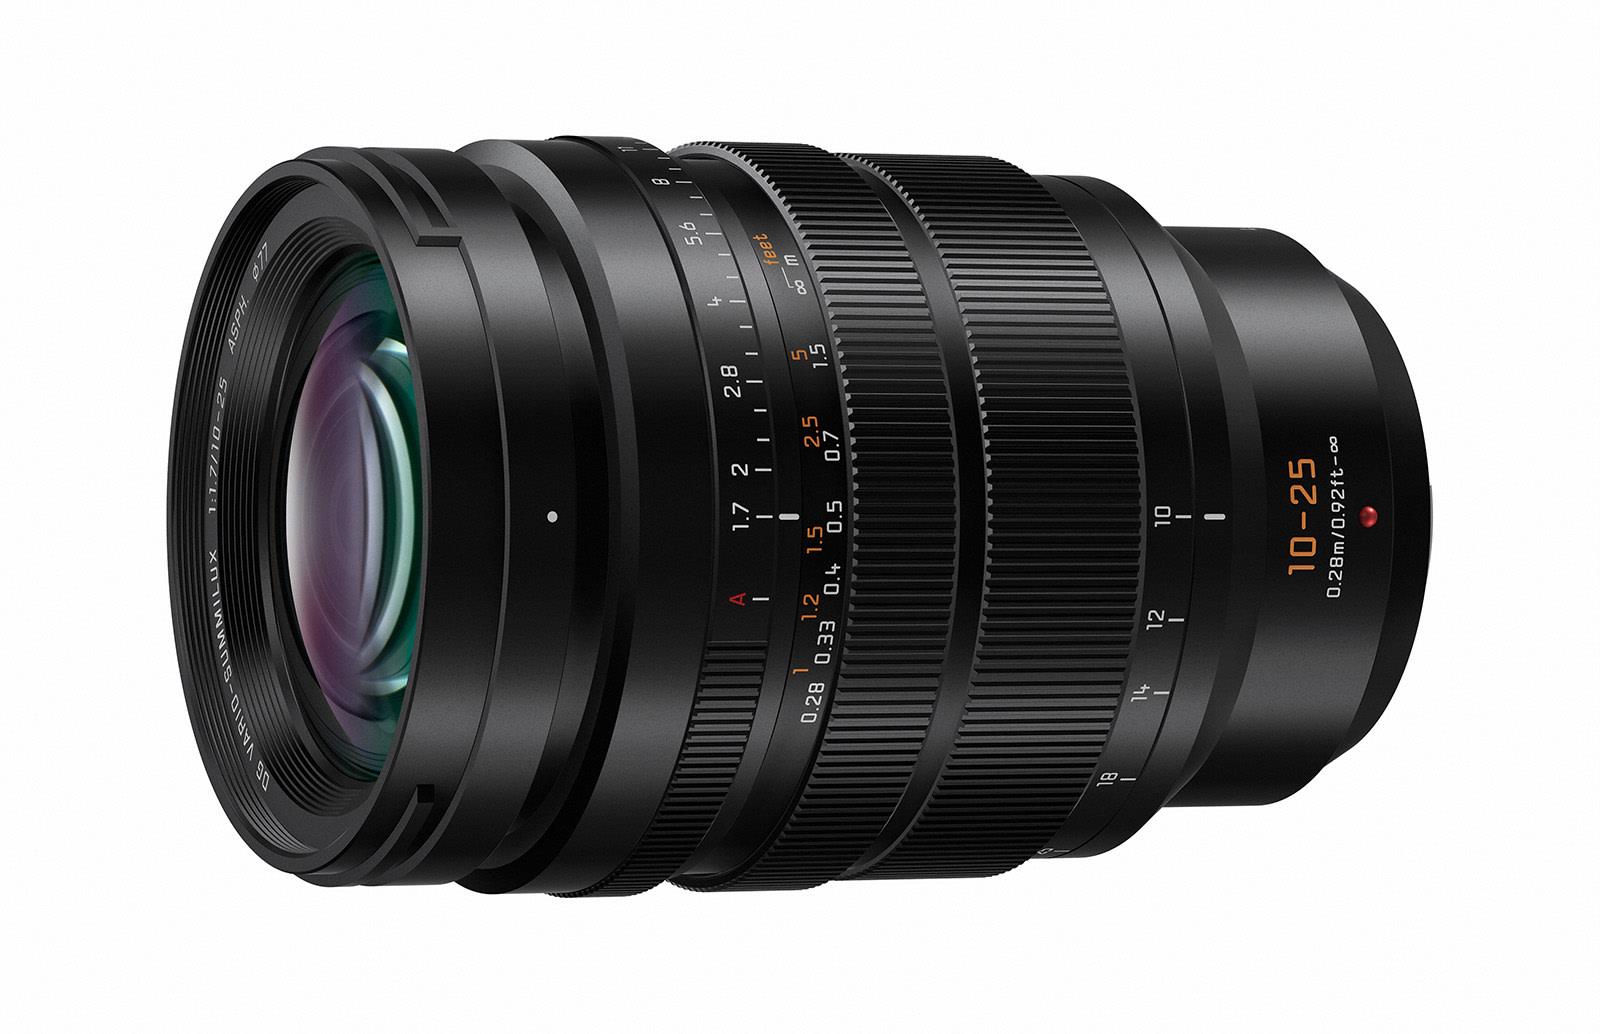 Panasonic LEICA DG VARIO-SUMMILUX 10-25mm / F1.7 ASPH.